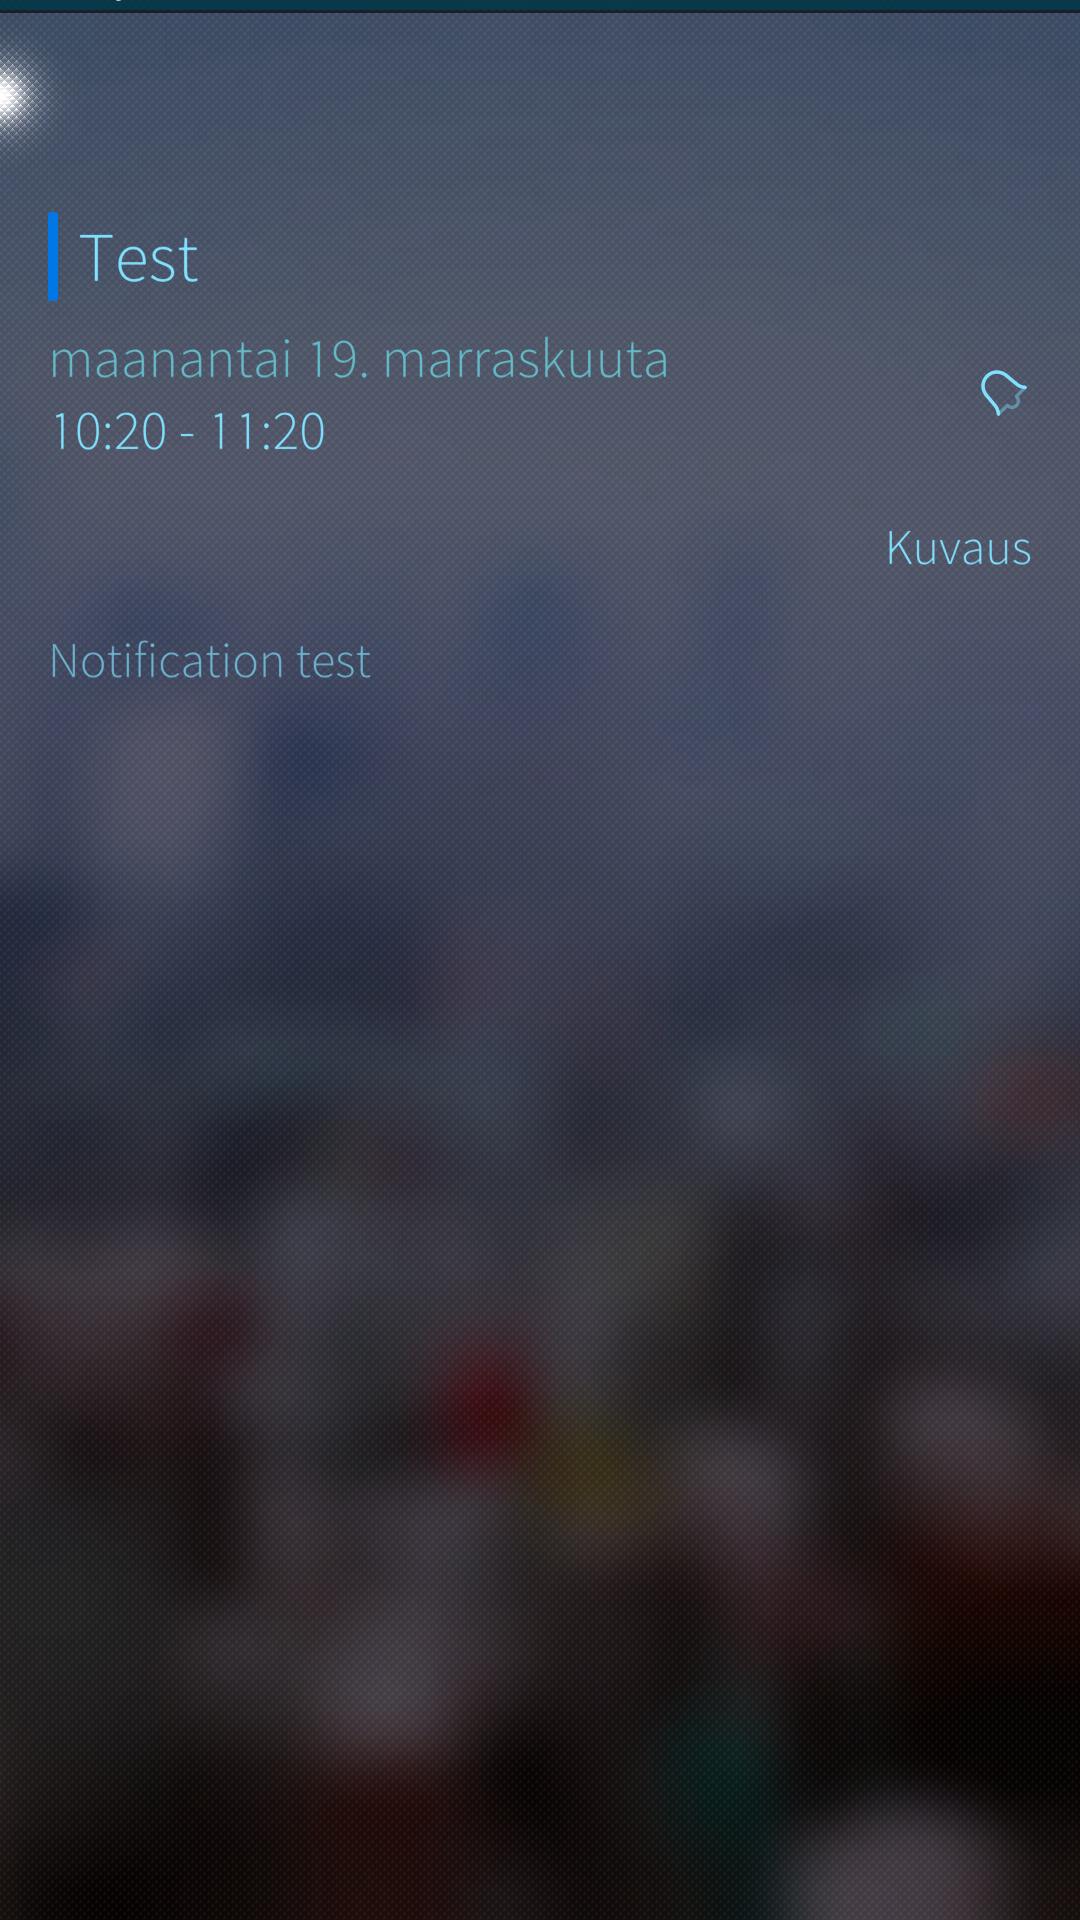 Calendar notifications not working (Google calendar) [closed